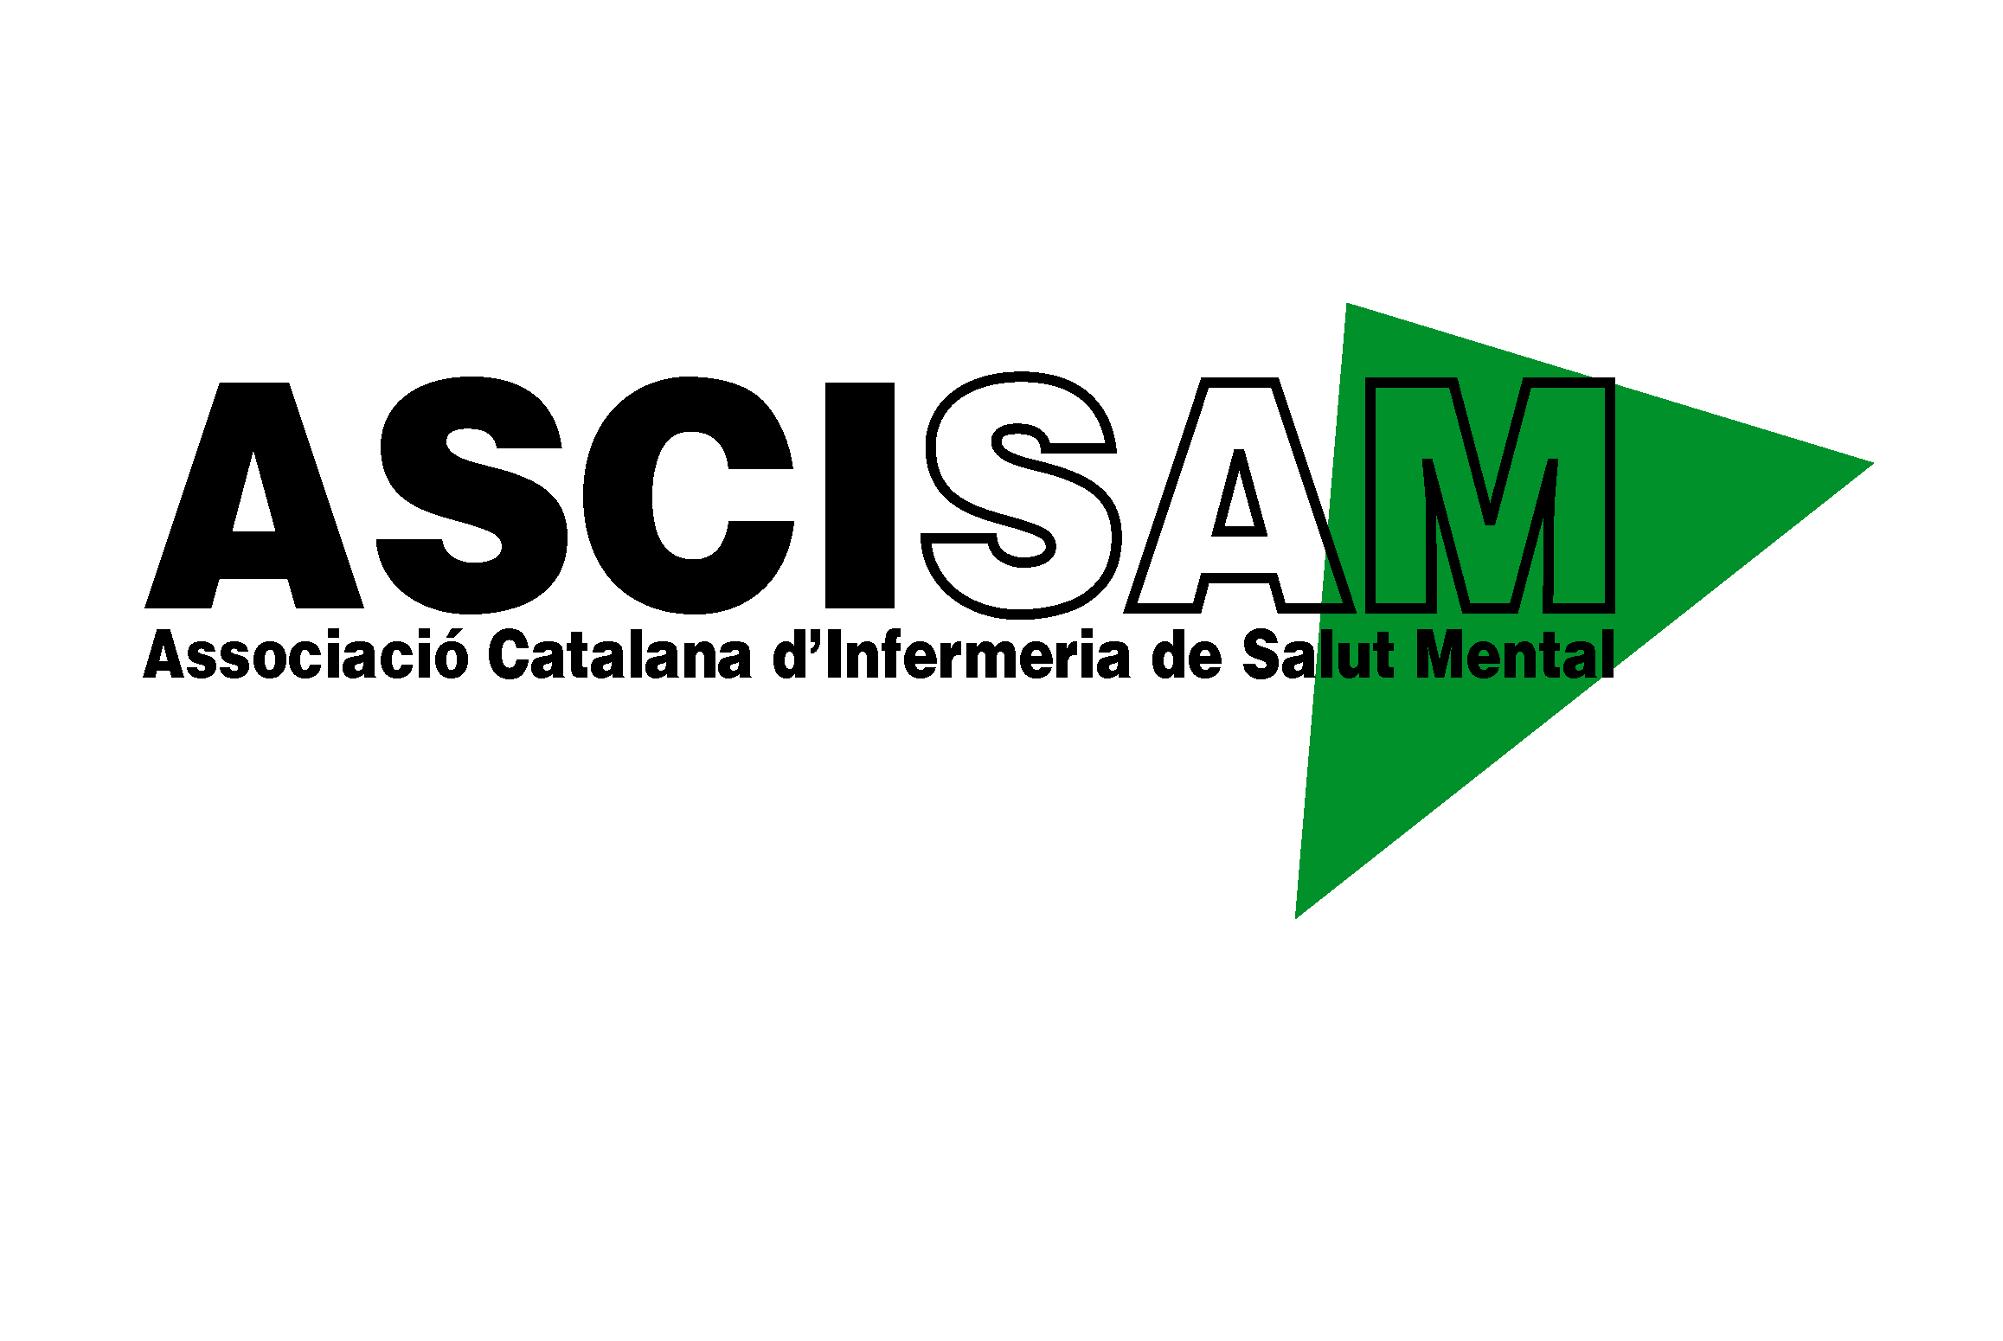 VI Congrés Català d'Infermeria de Salut Mental de l'ASCISAM